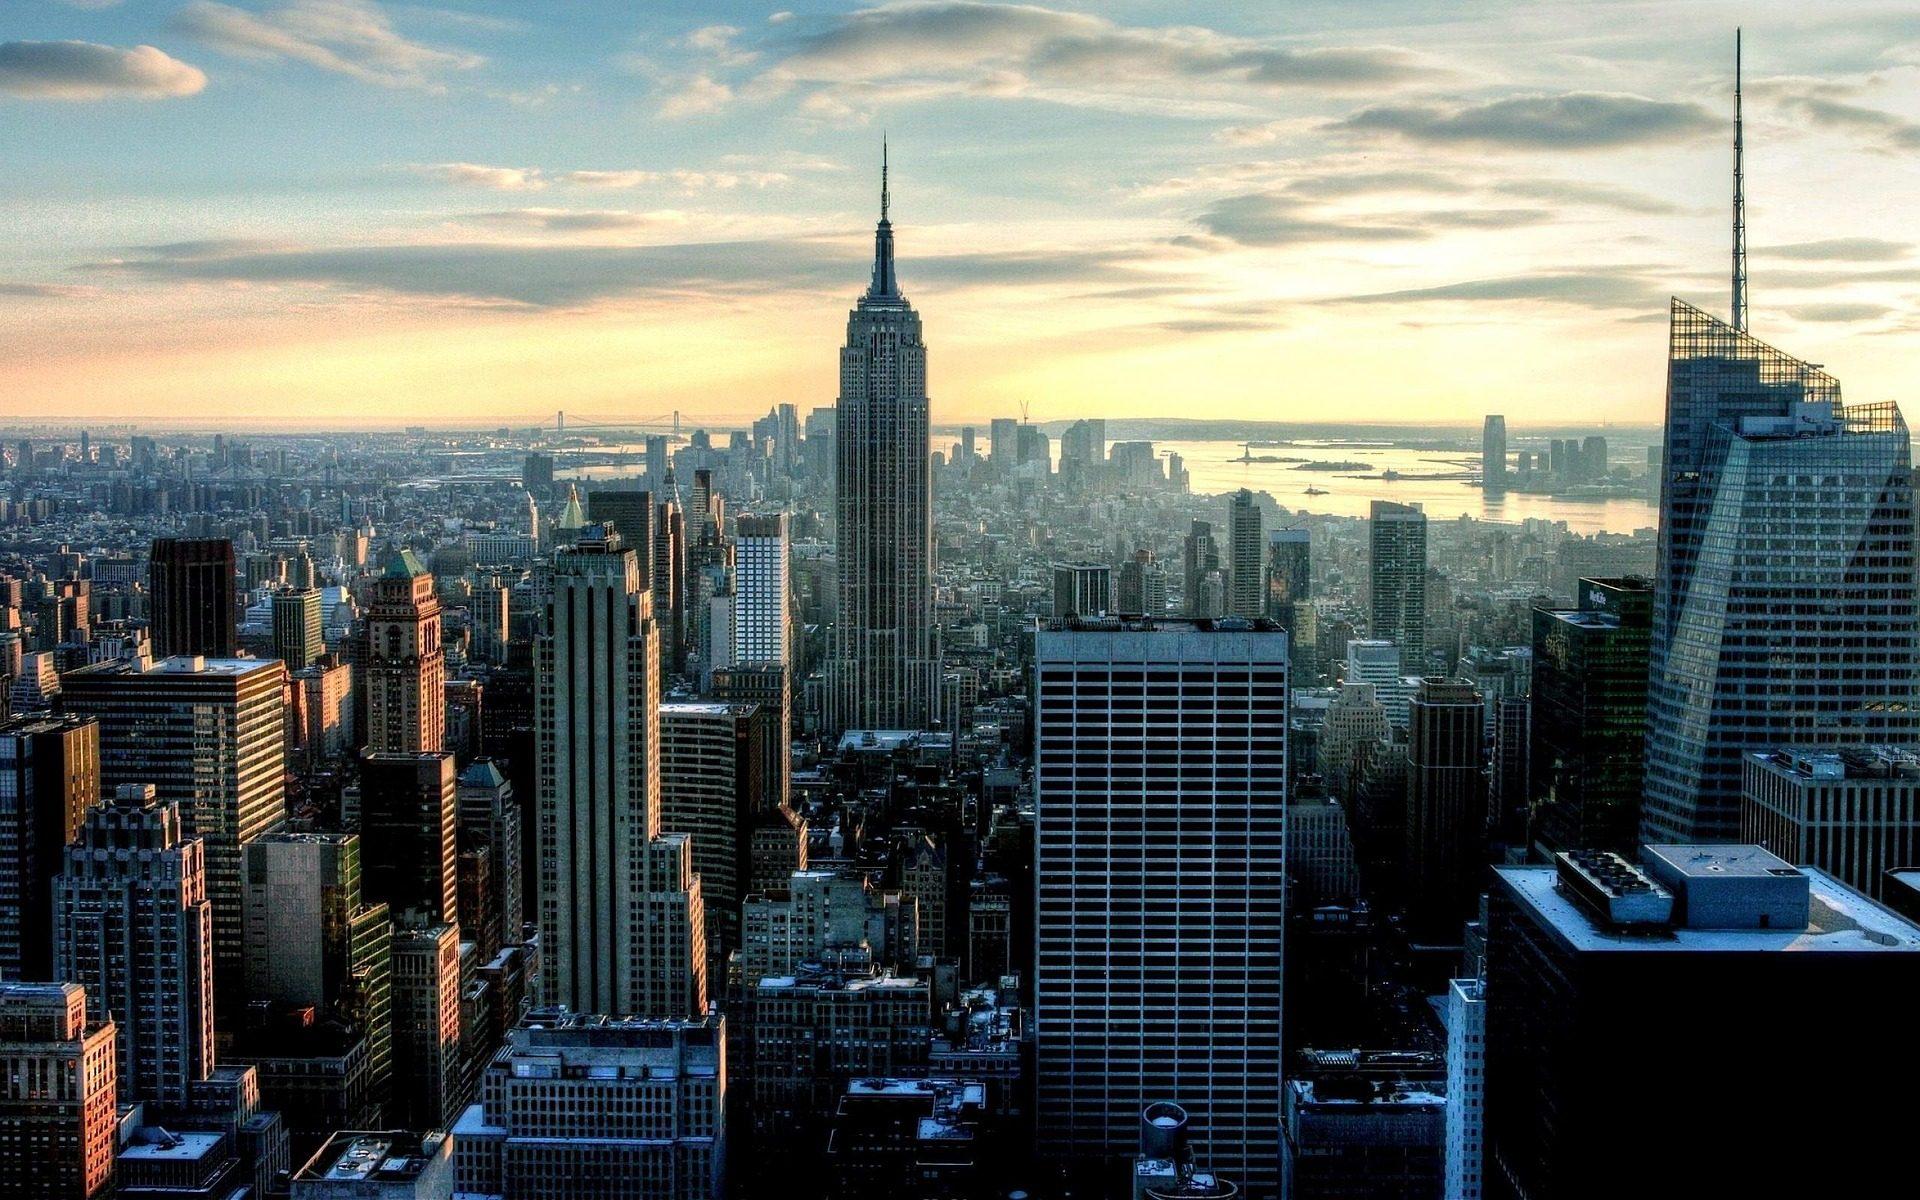 Πόλη, ουρανοξύστης, κτίρια, metrópolis, Ουρανός - Wallpapers HD - Professor-falken.com